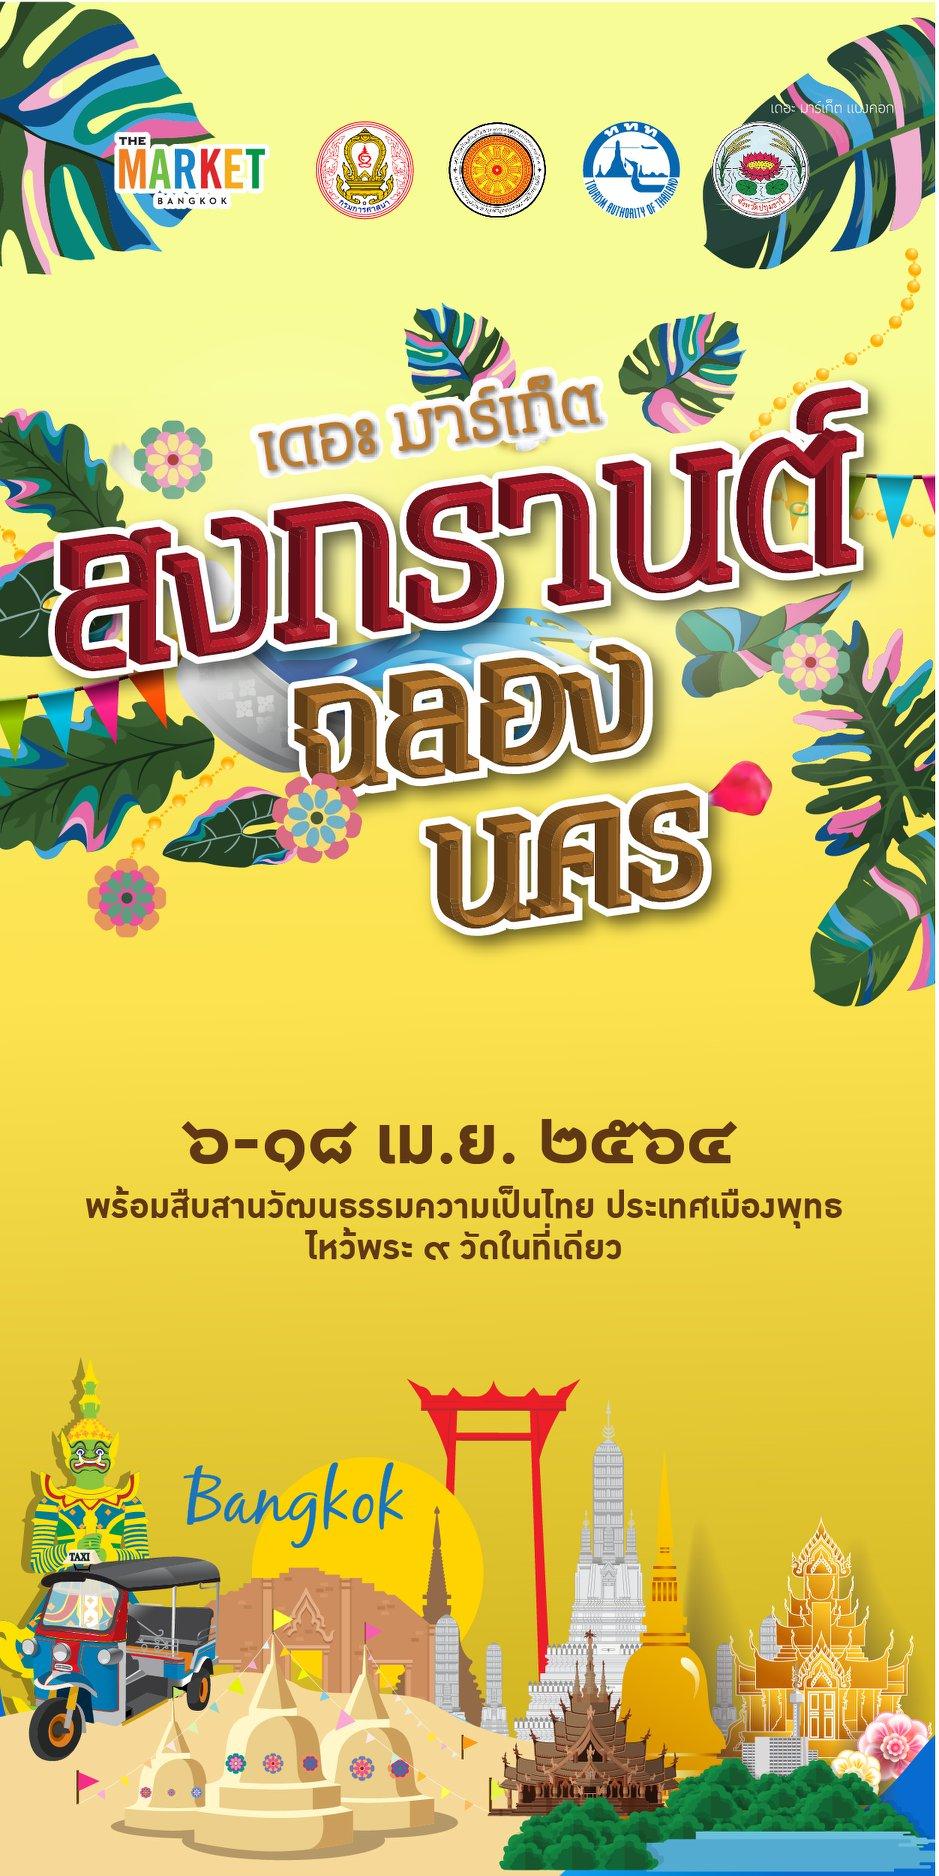 ร่วมฉลองเทศกาลสงกรานต์ กับThe Market Bangkok